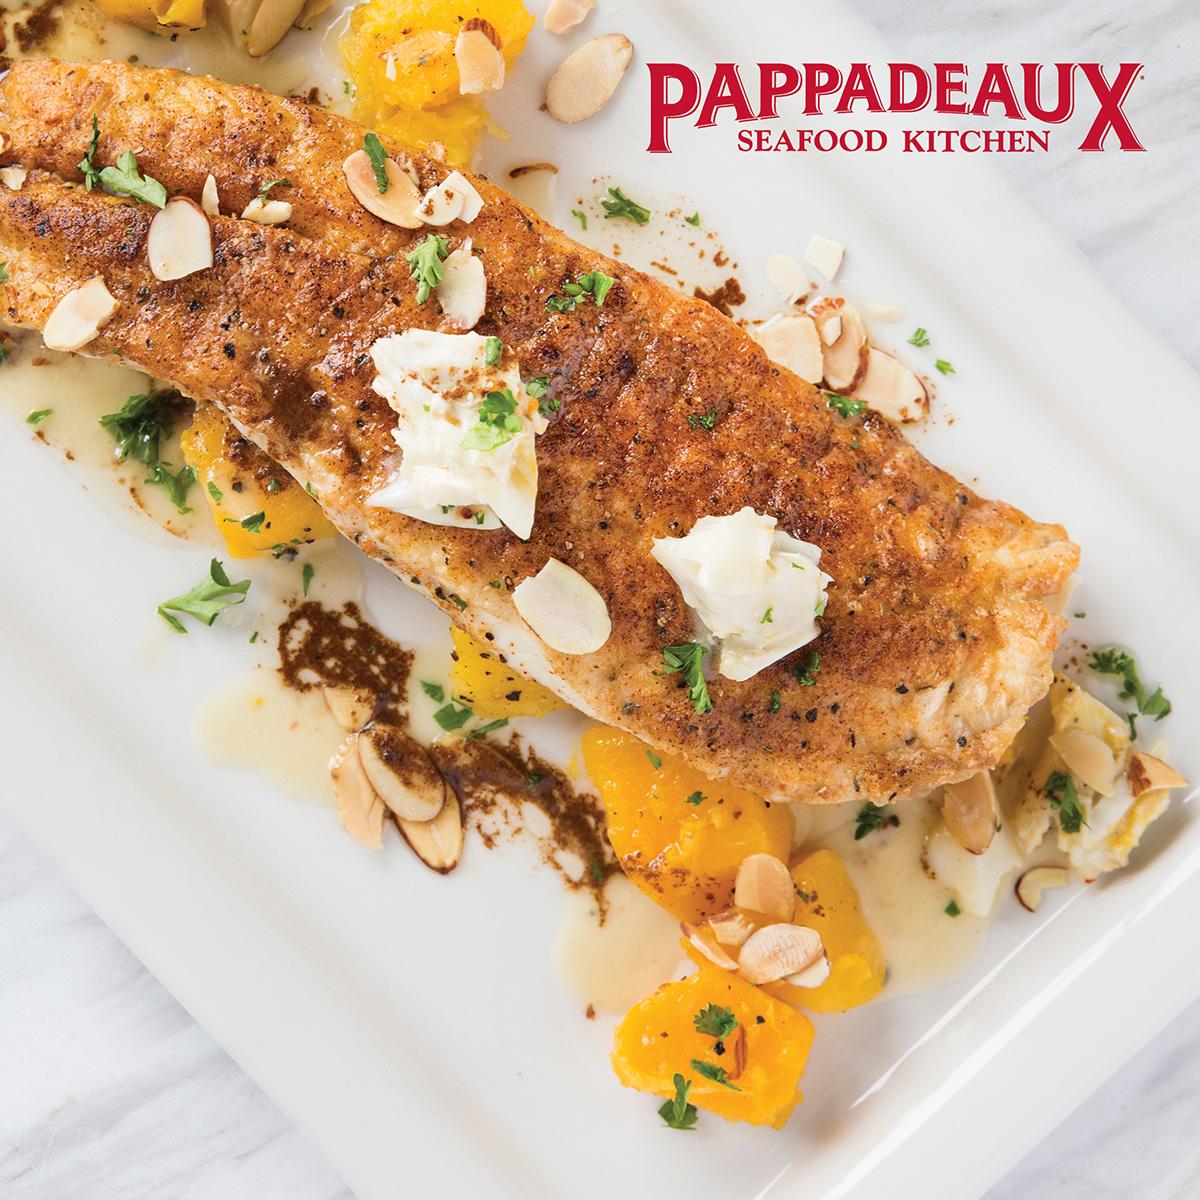 Pappadeaux Seafood Kitchen Menu